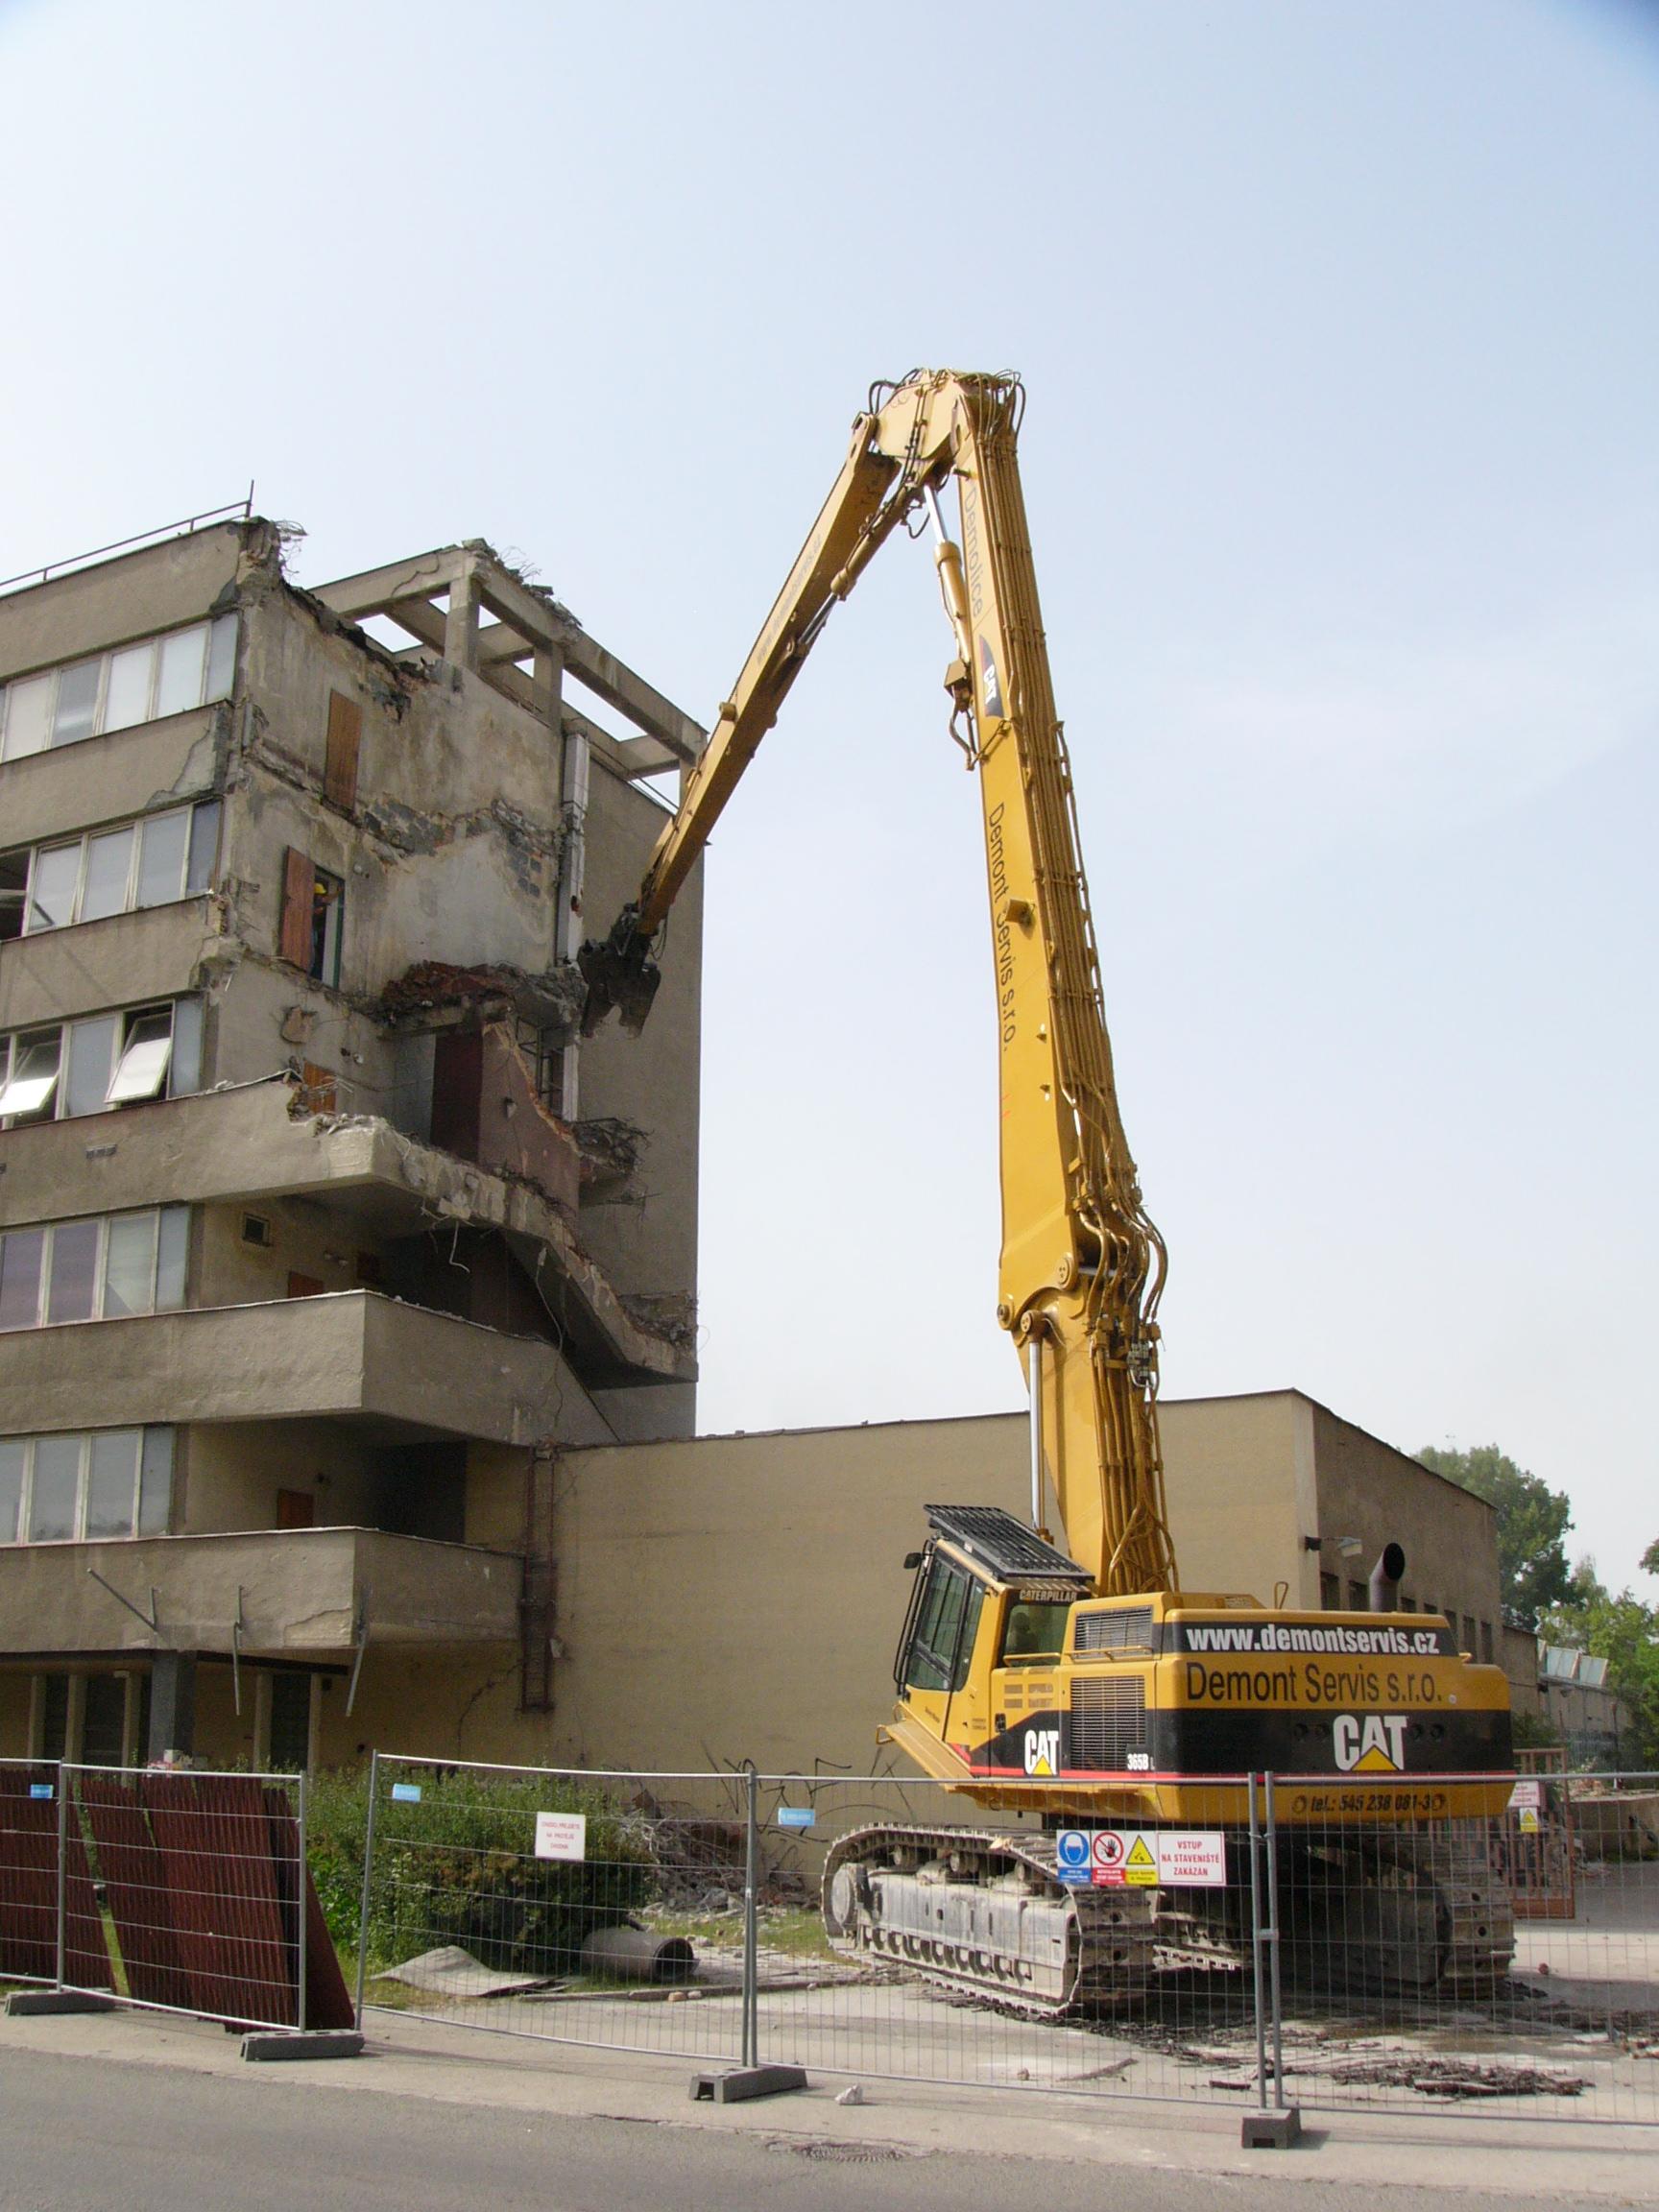 Cat 365B demolition machine in action